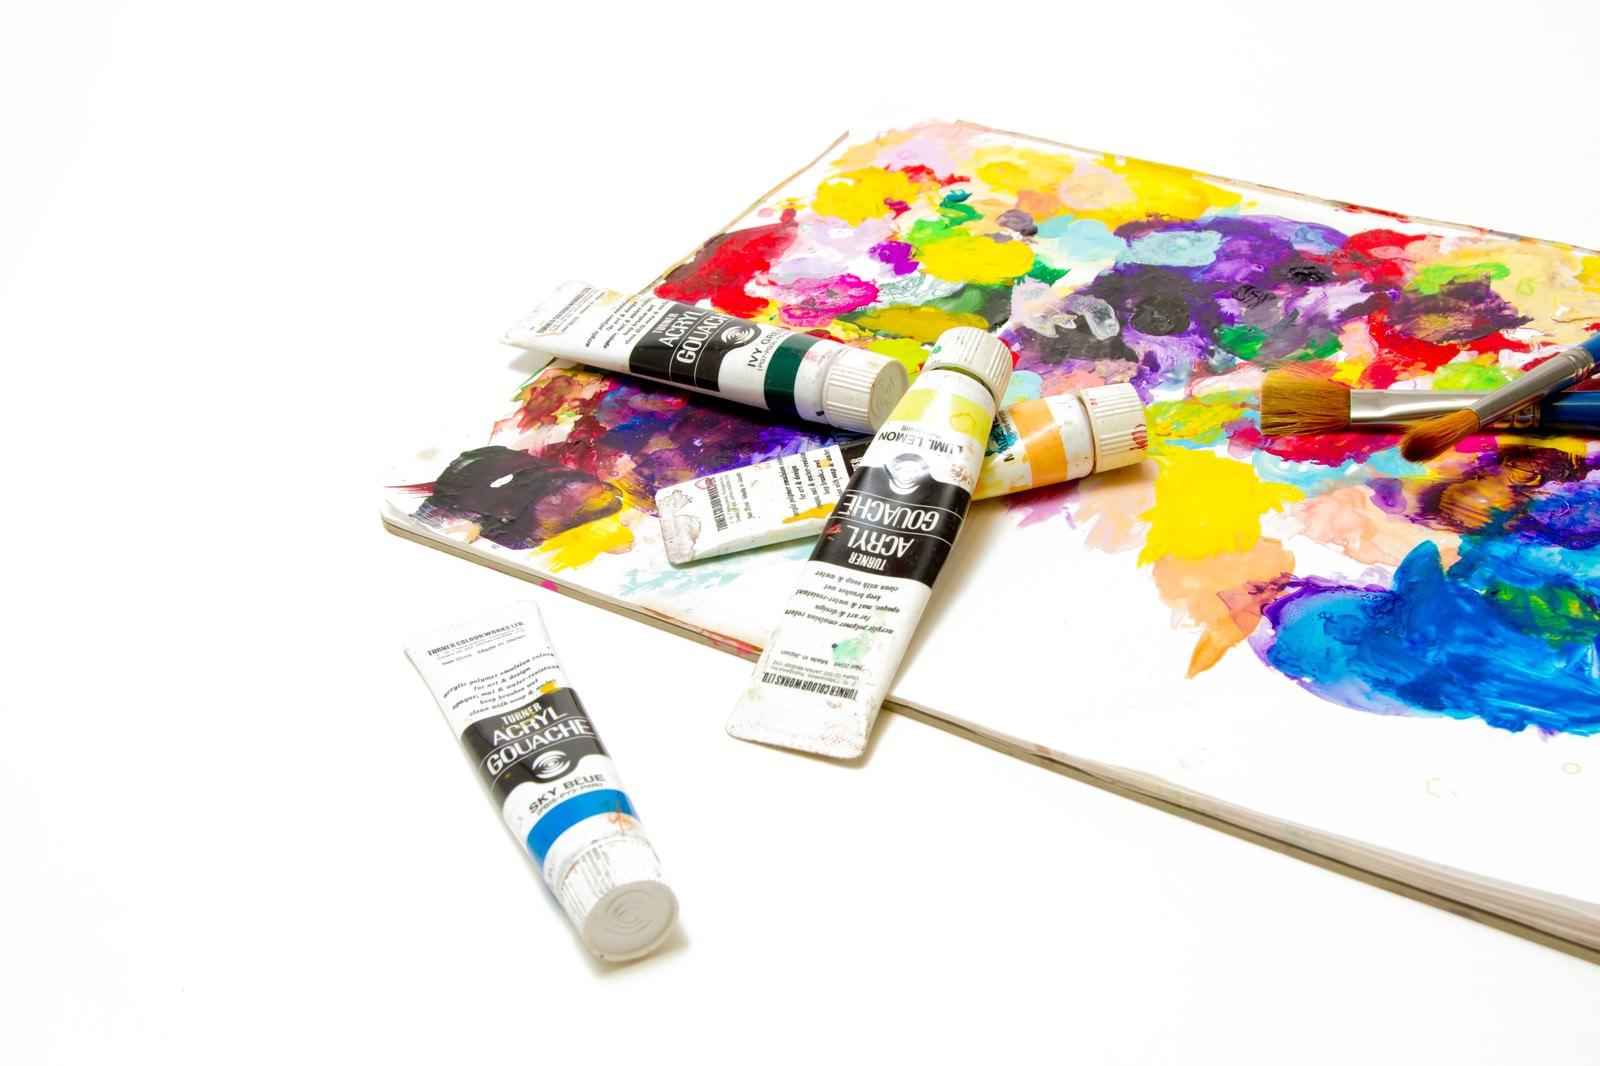 「絵の具とパレット絵の具とパレット」のフリー写真素材を拡大